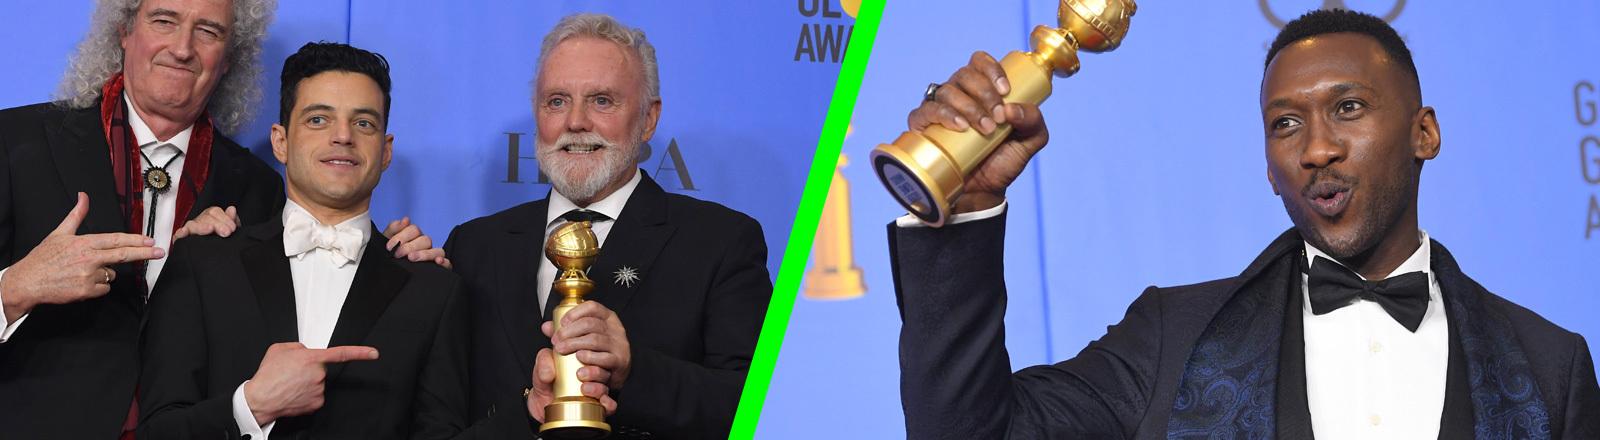 Collage: Bei den Golden Globes 2019 steht der Schauspieler Rami Malek zwischen Brian May und Roger Taylor von Queen (links); (rechts) Der Schauspieler Mahershala Ali hebt einen der Golden Globes in die Höhe.